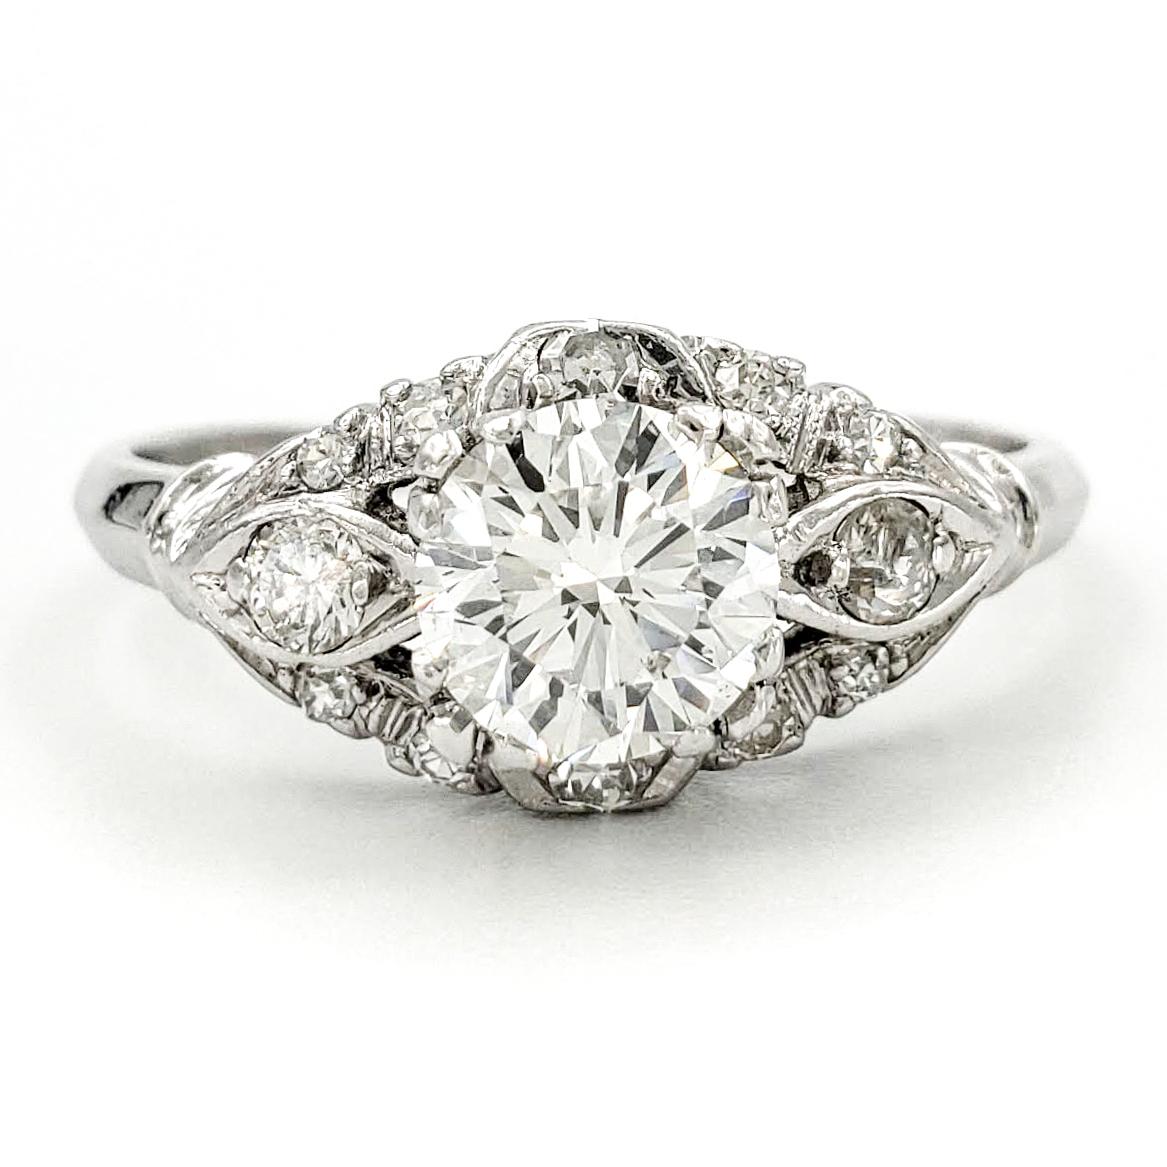 vintage-platinum-engagement-ring-with-1-03-carat-round-brilliant-cut-diamond-egl-f-vs2